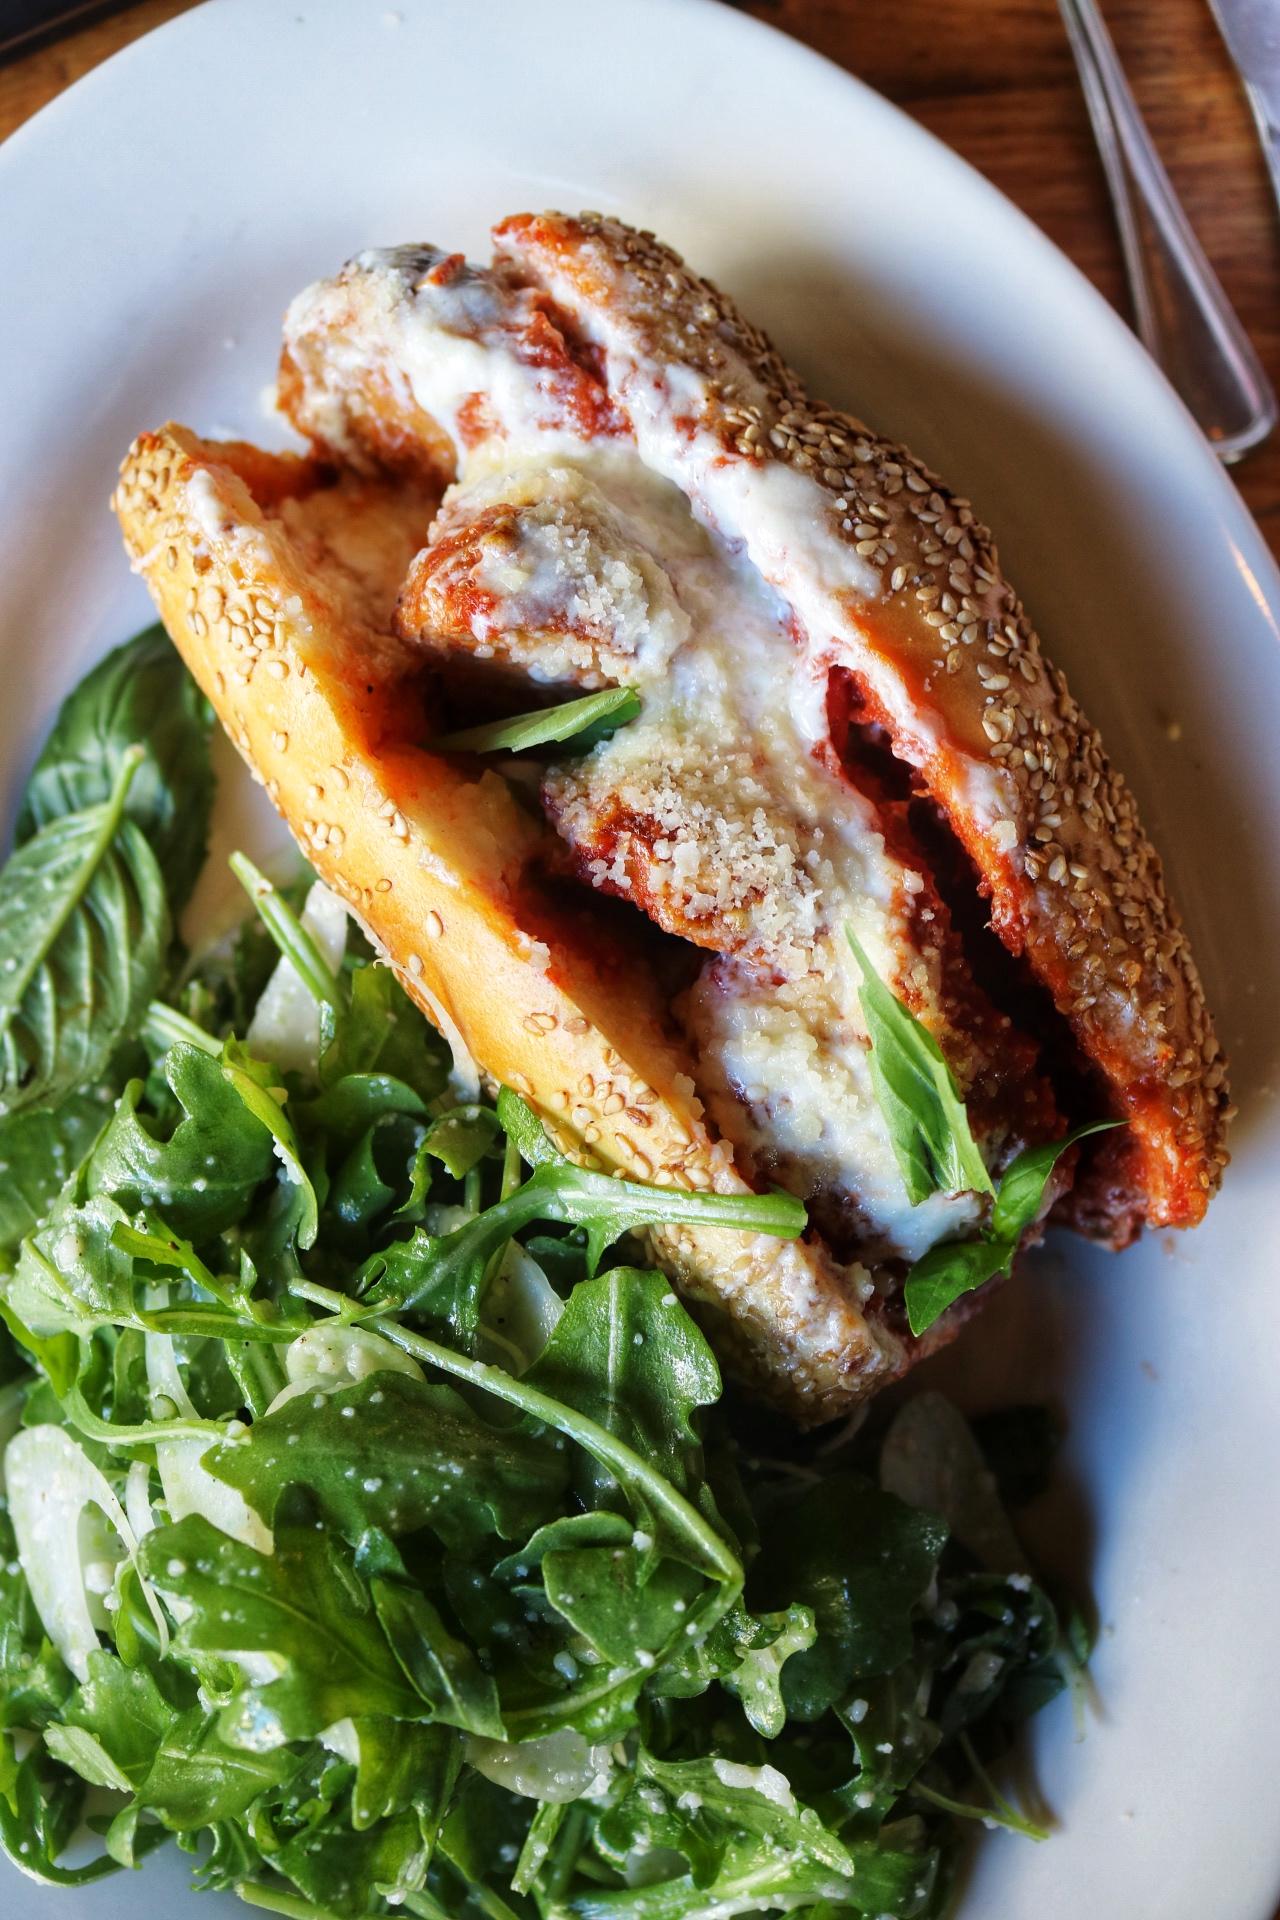 meatball sandwich the smith